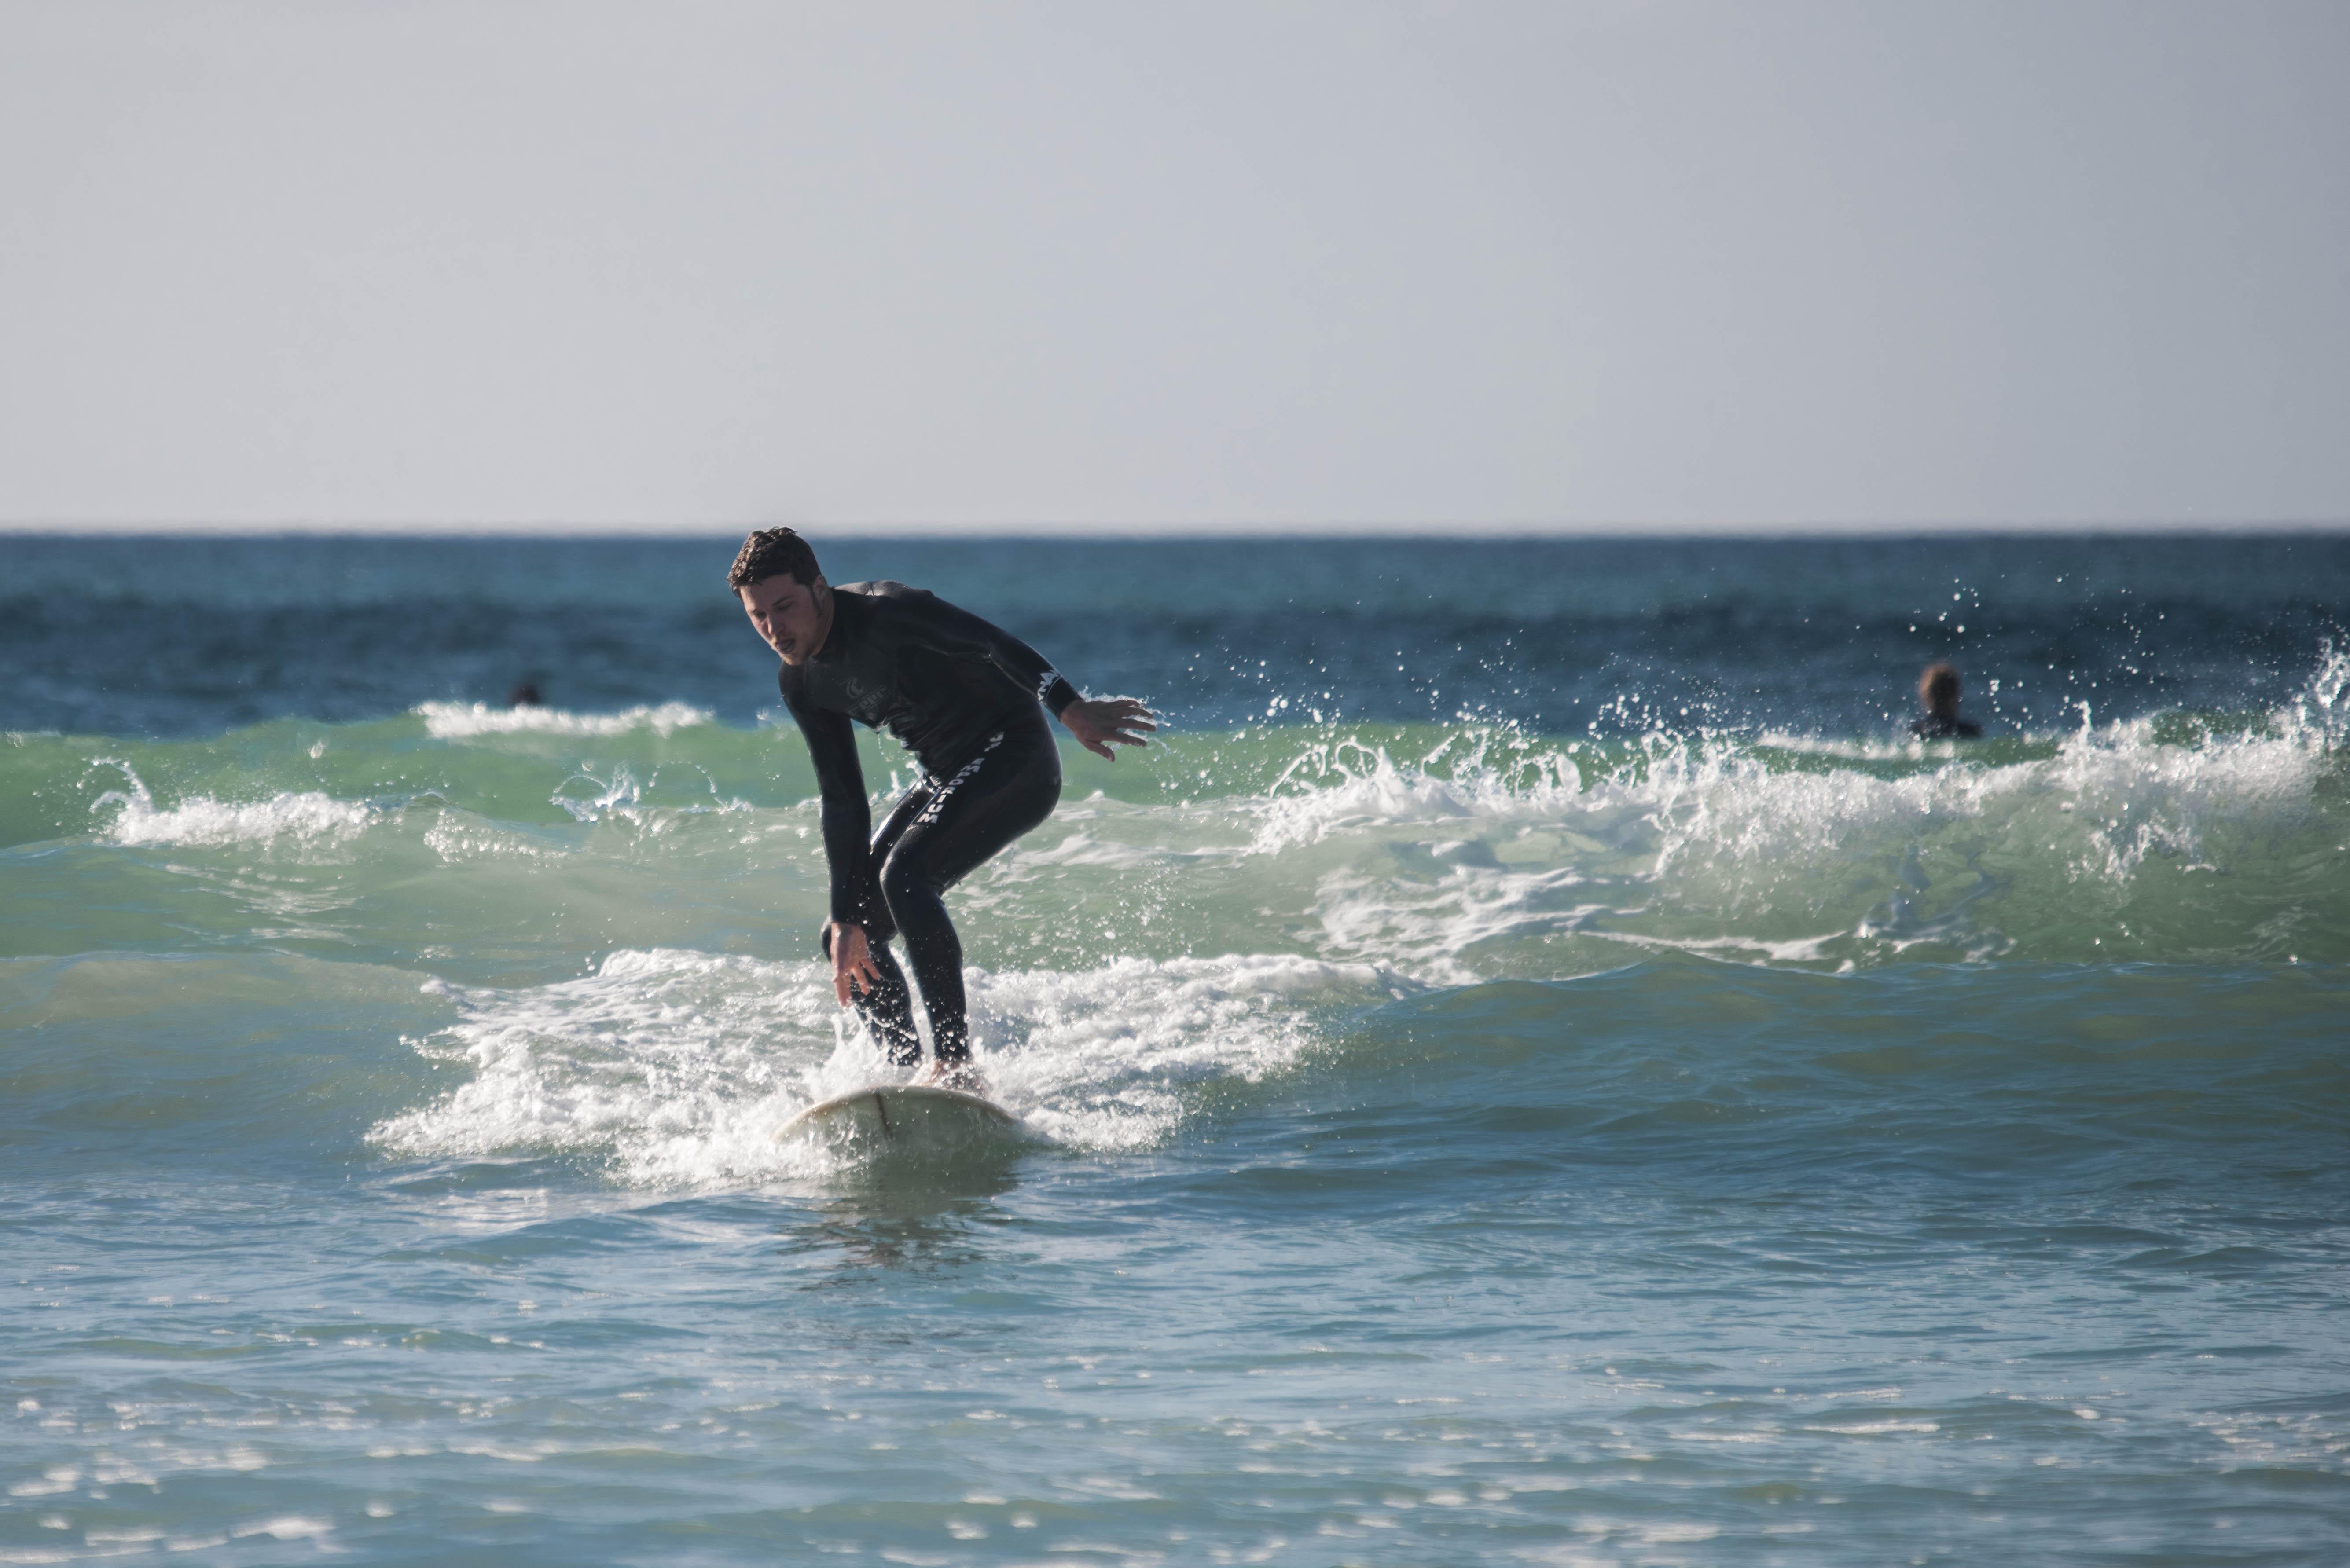 saffa tours surf lessons surf guiding surf tours cape town